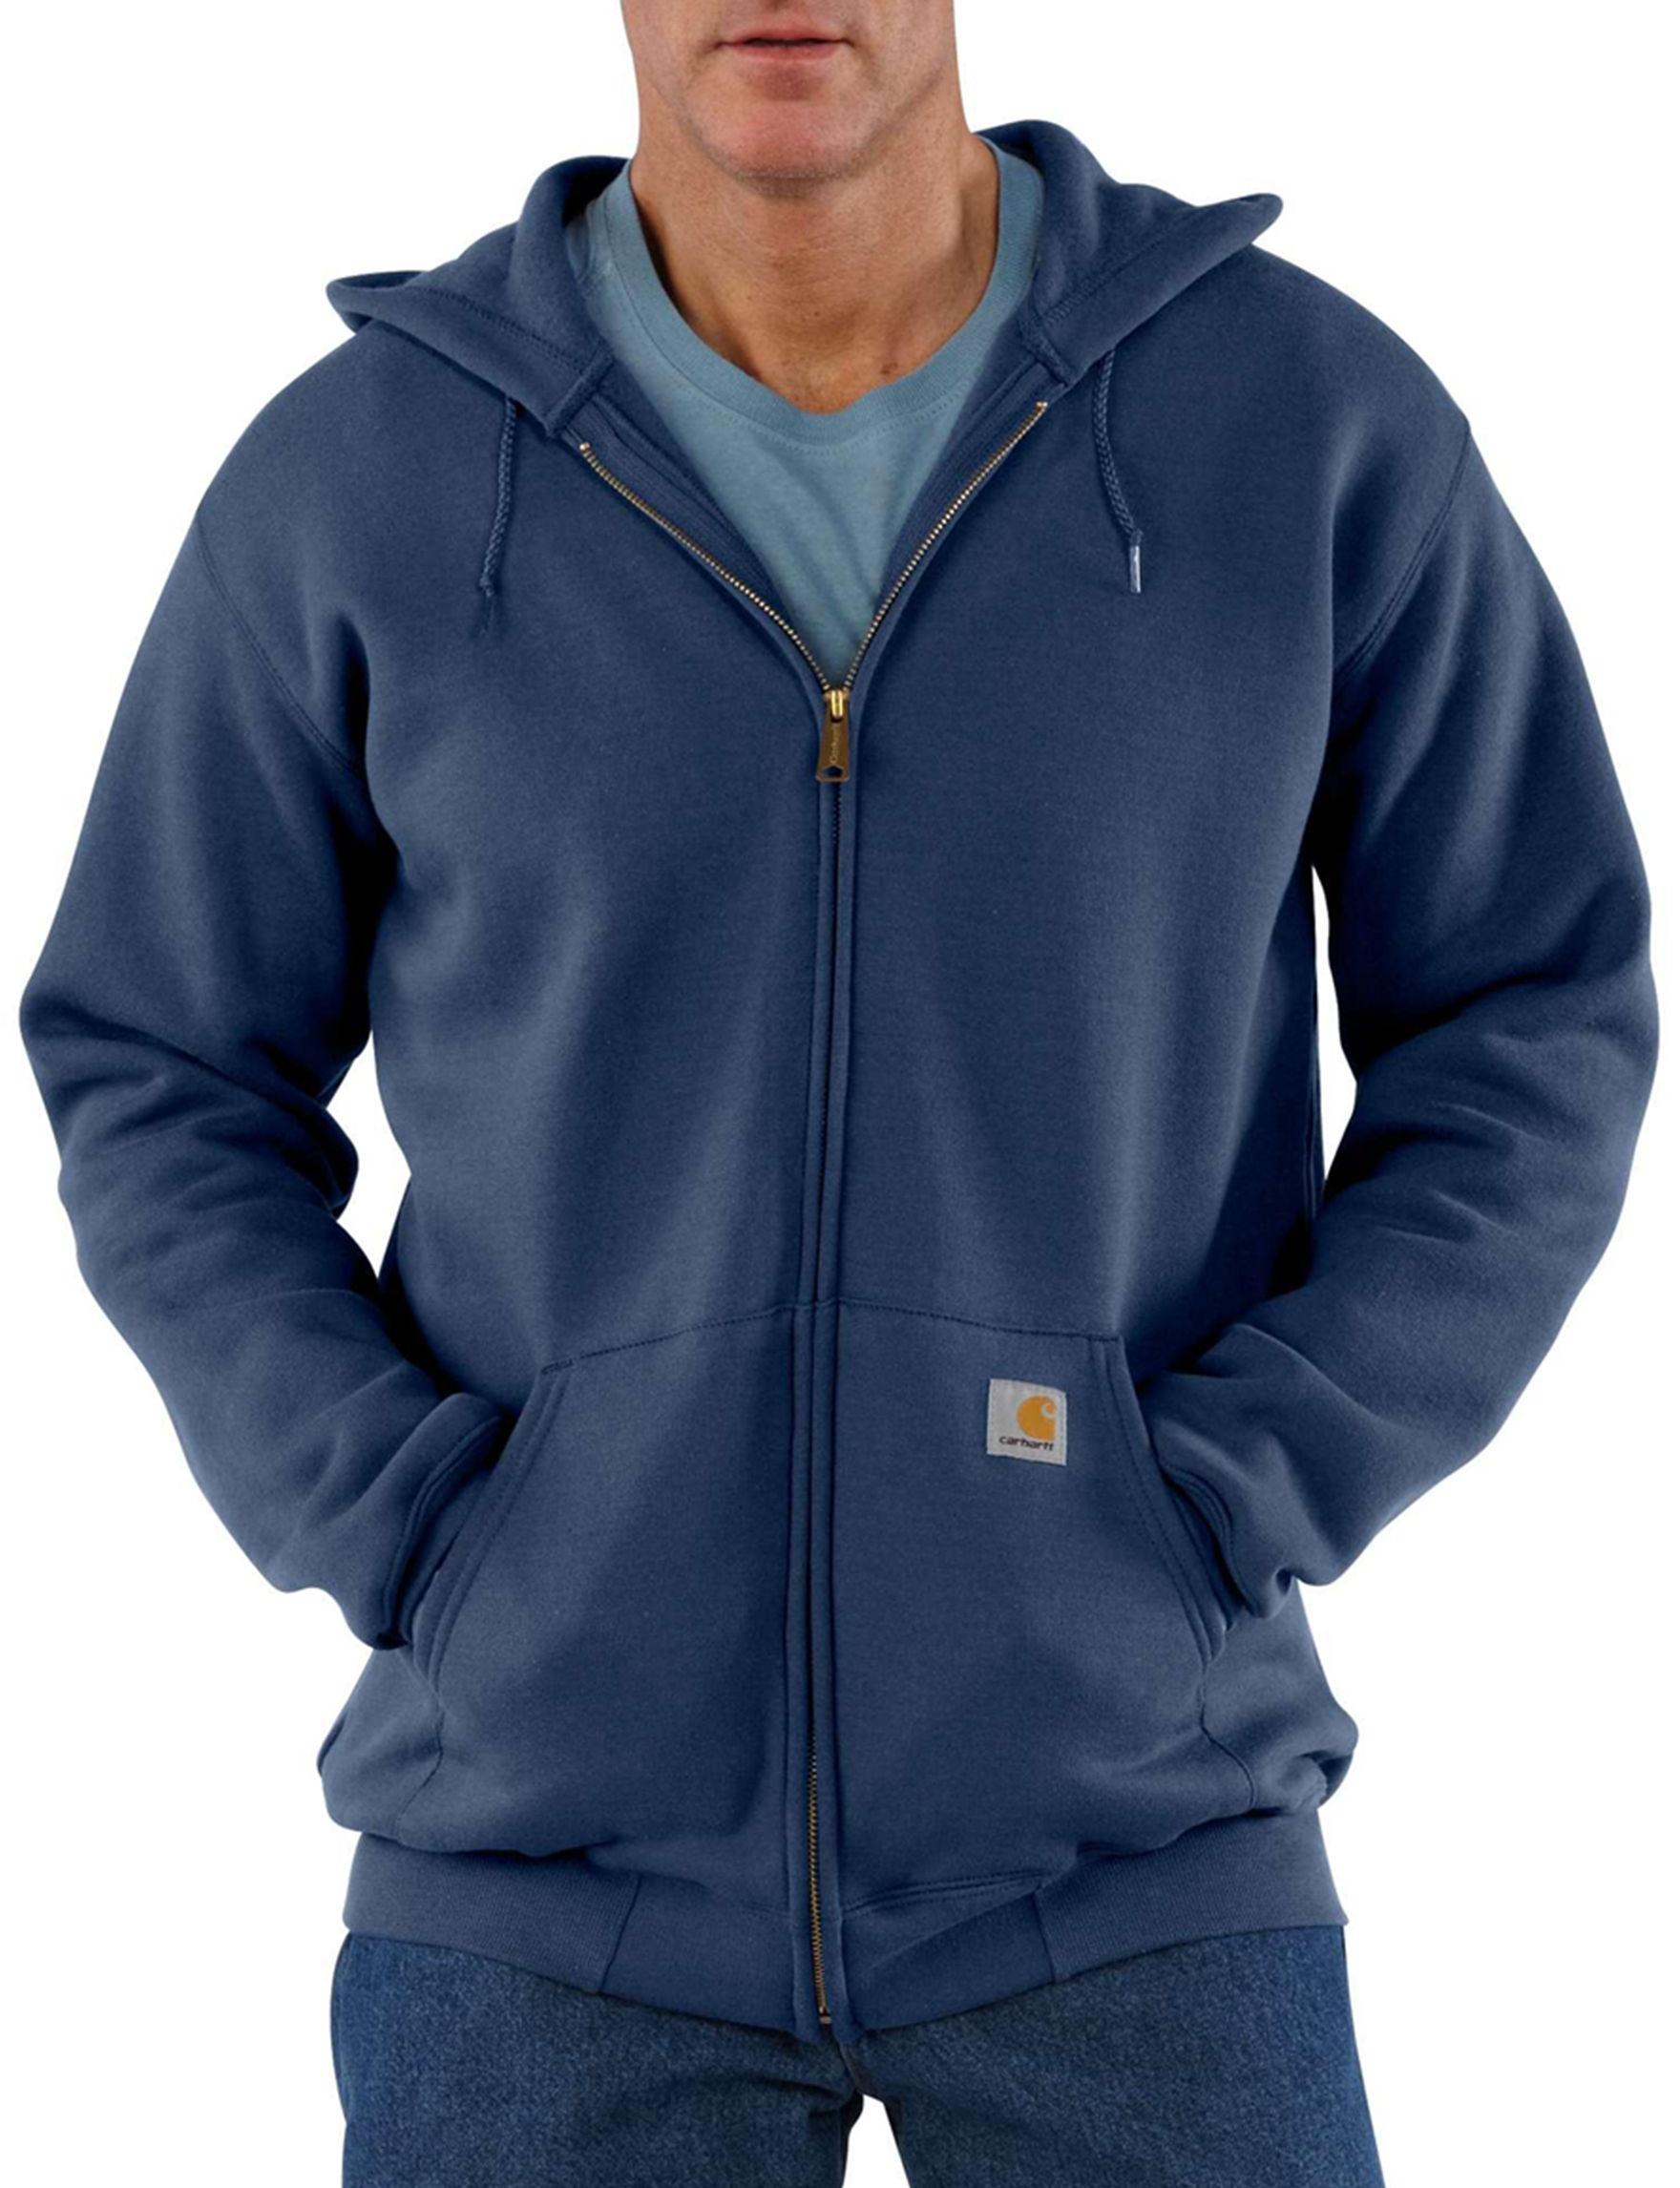 Carhartt Navy Fleece & Soft Shell Jackets Zip-Ups